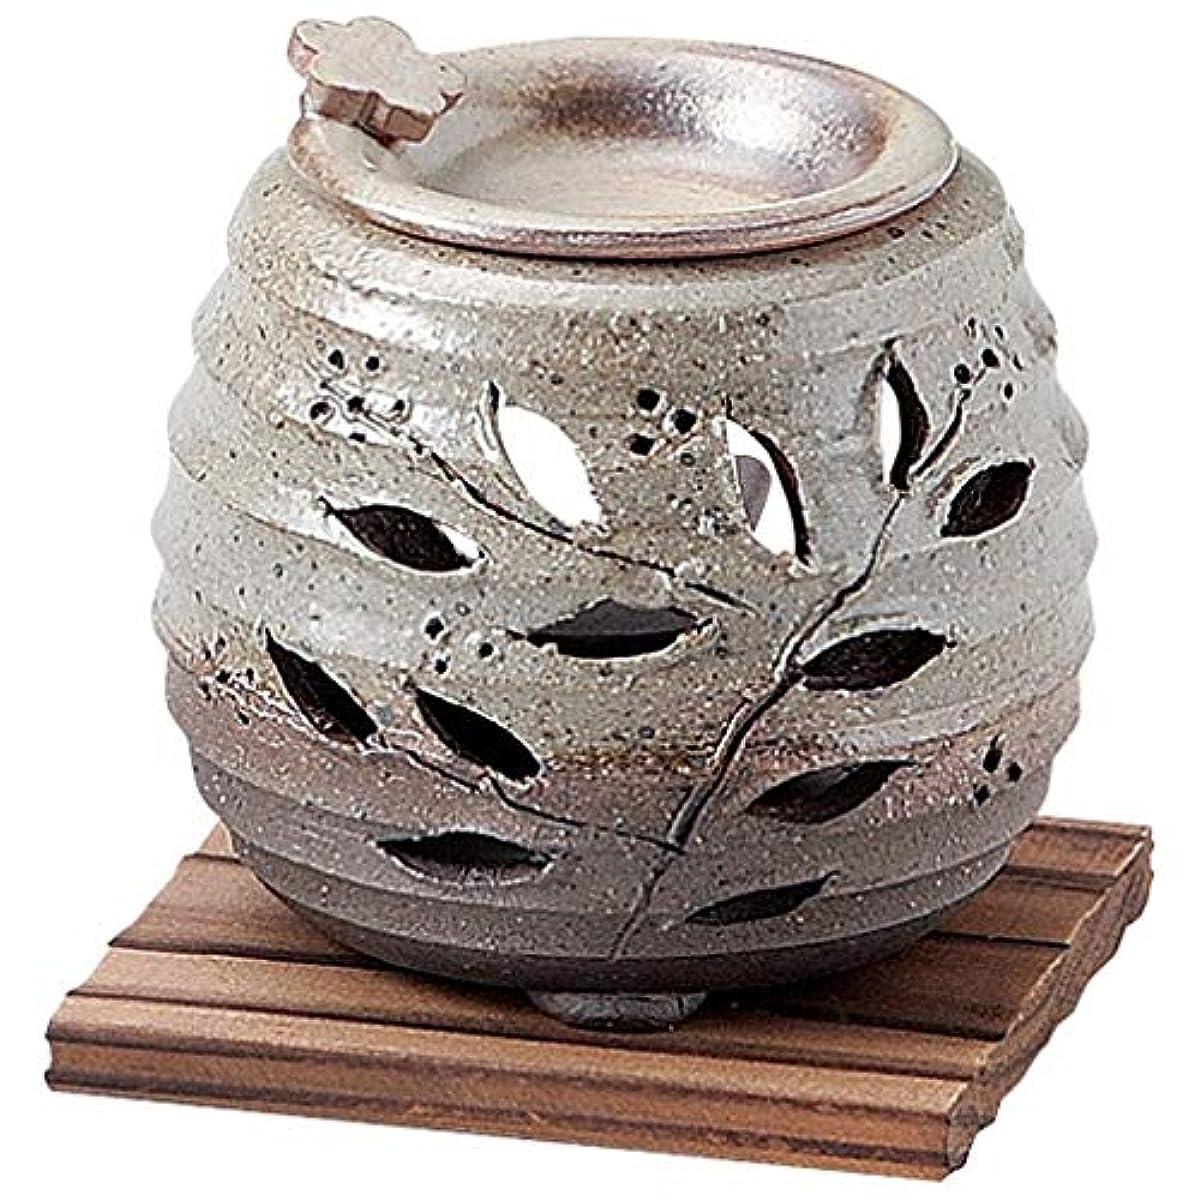 によるとバタフライトンネルYI--Y-1619 常滑焼 茶香炉 径11×高さ10.5cm